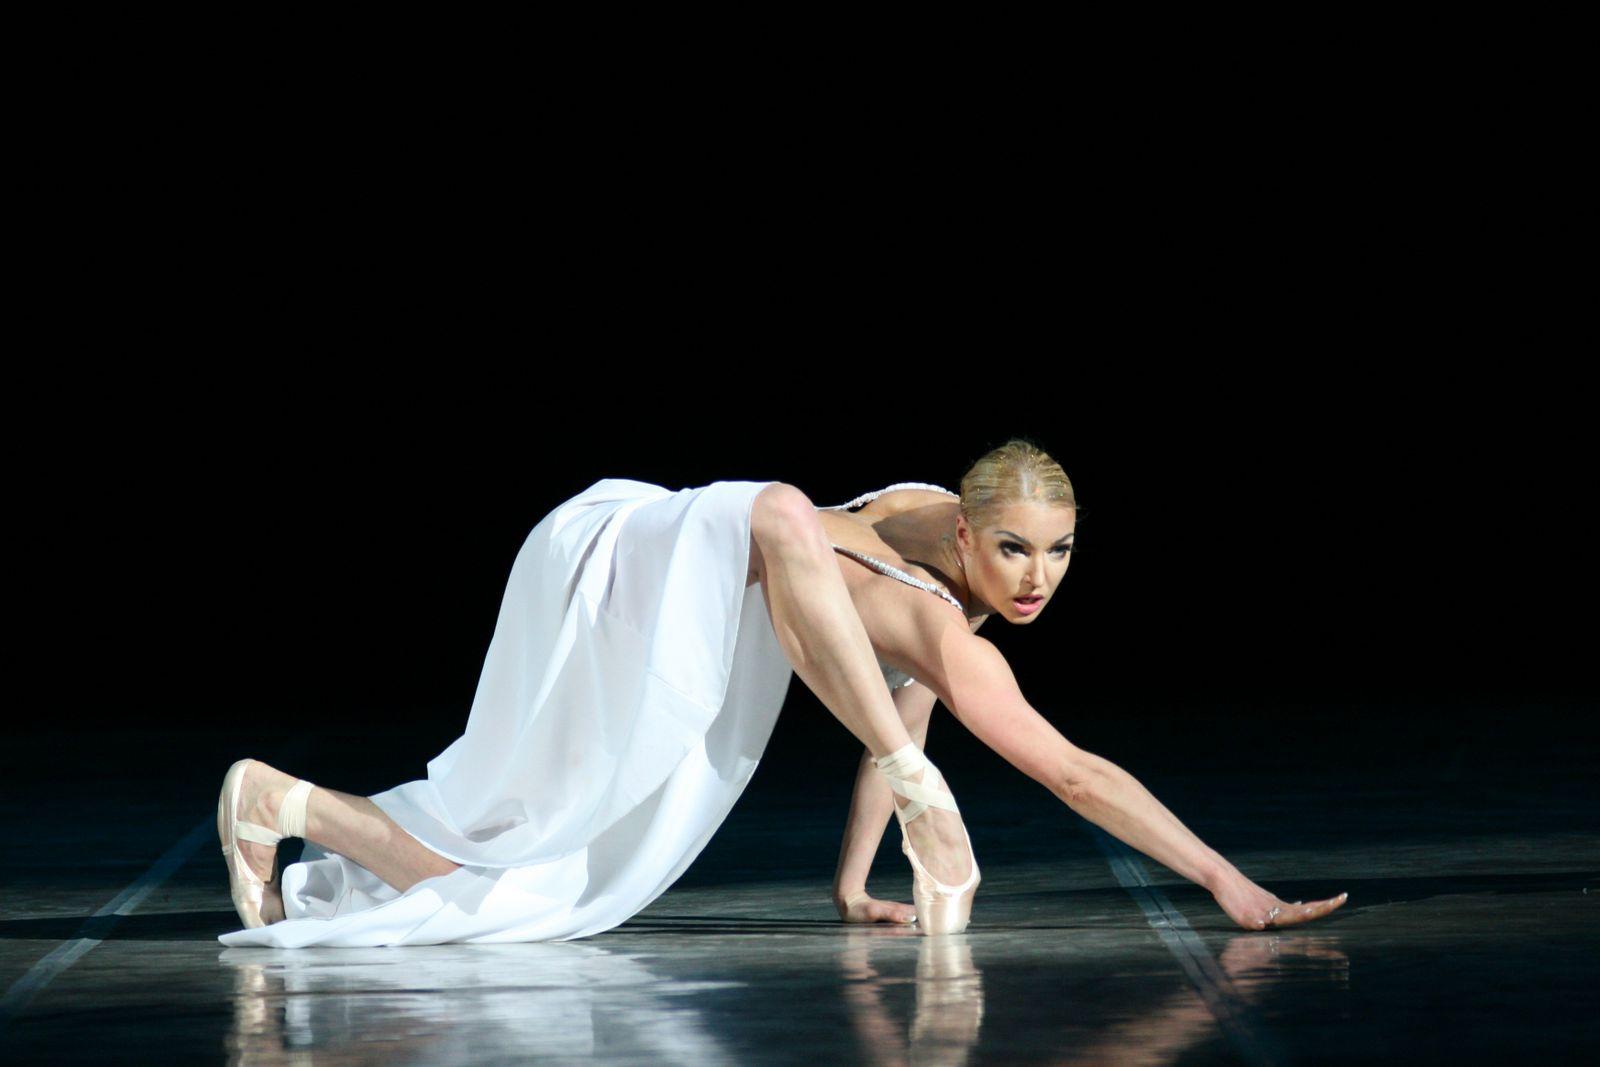 Анастасия Волочкова - фото №2